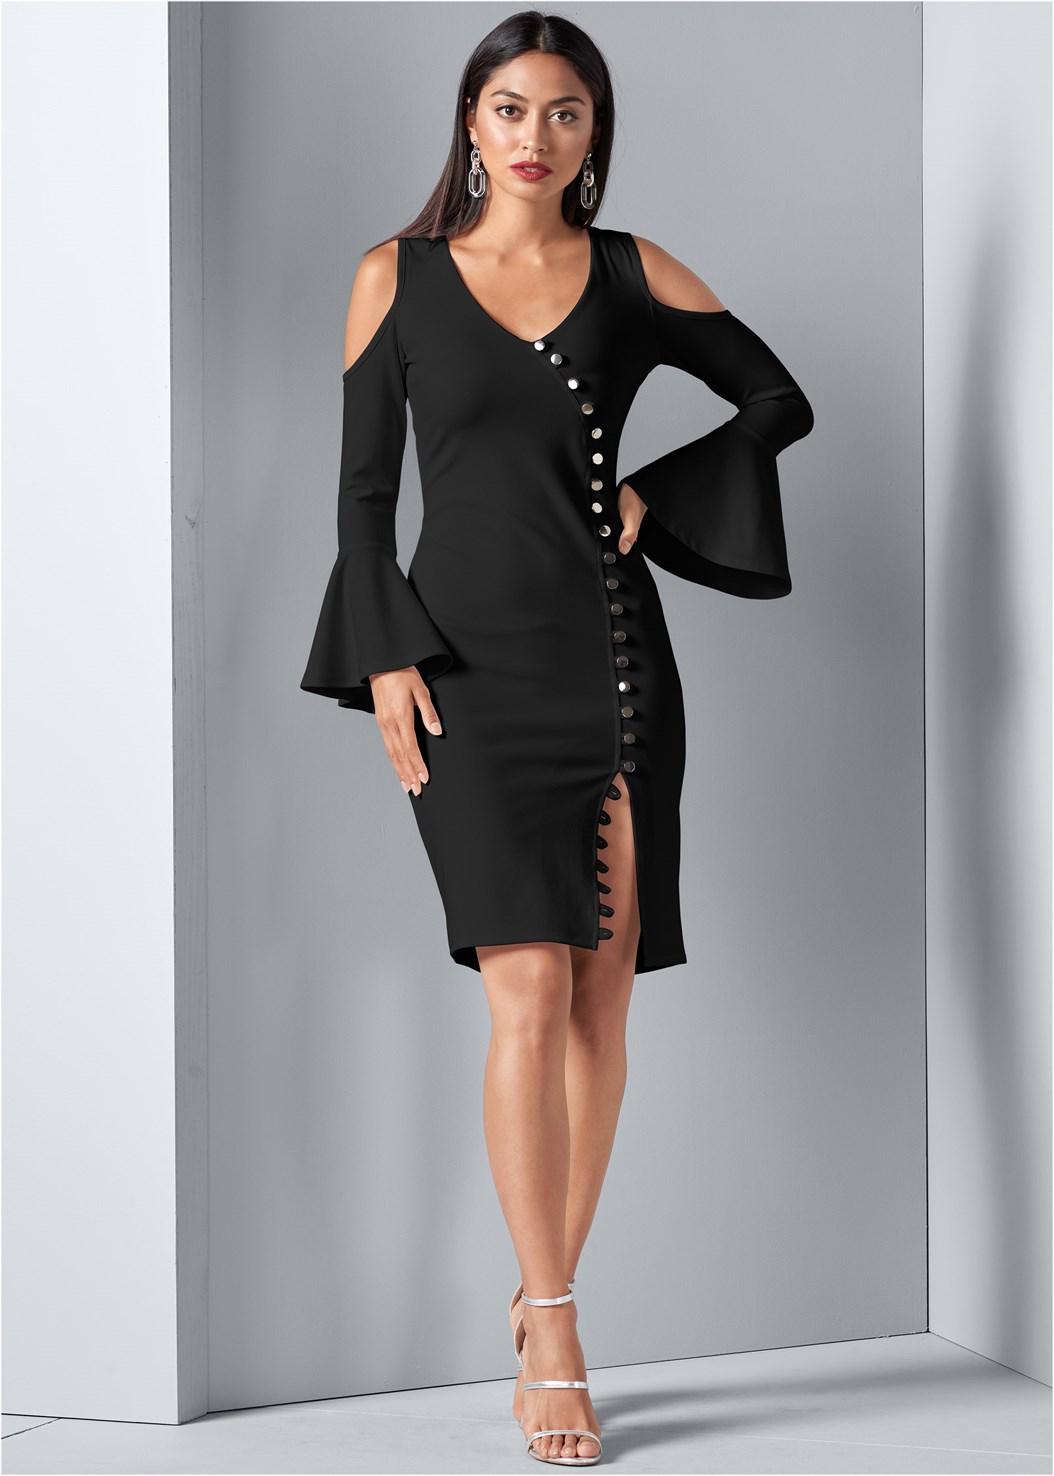 Button Detail Dress,High Heel Strappy Sandals